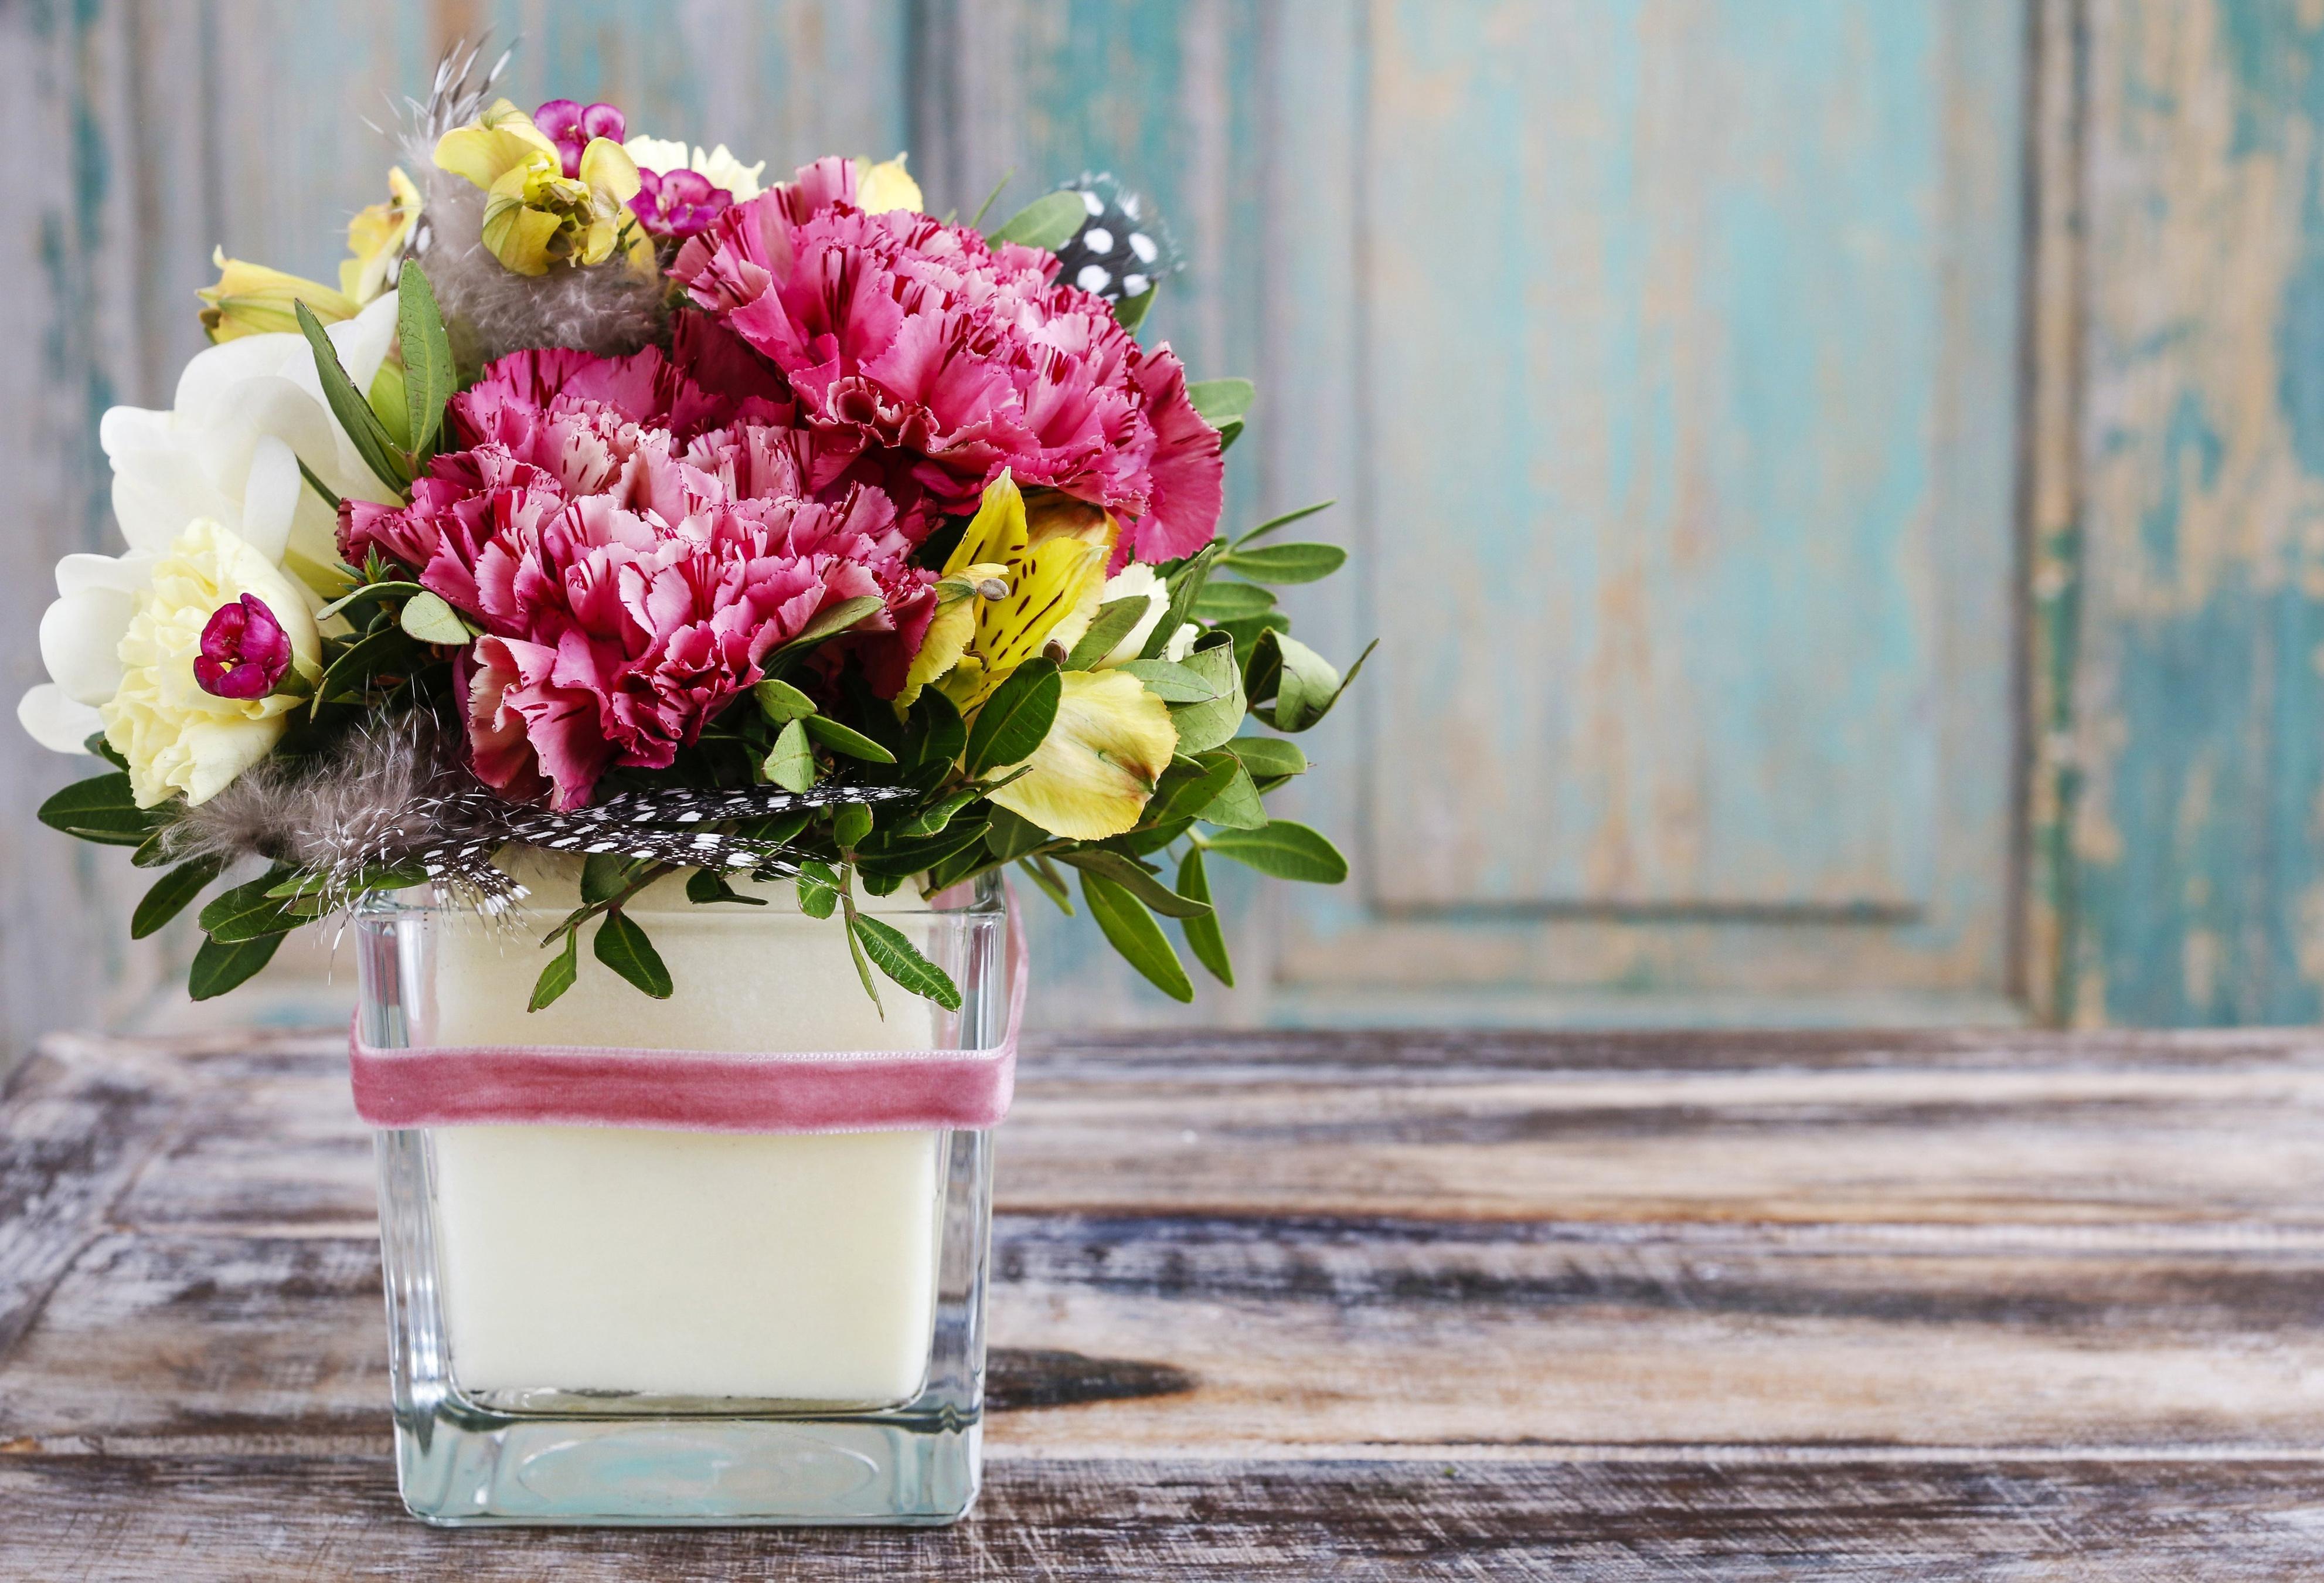 Картинки животными, картинка букет цветов в вазе